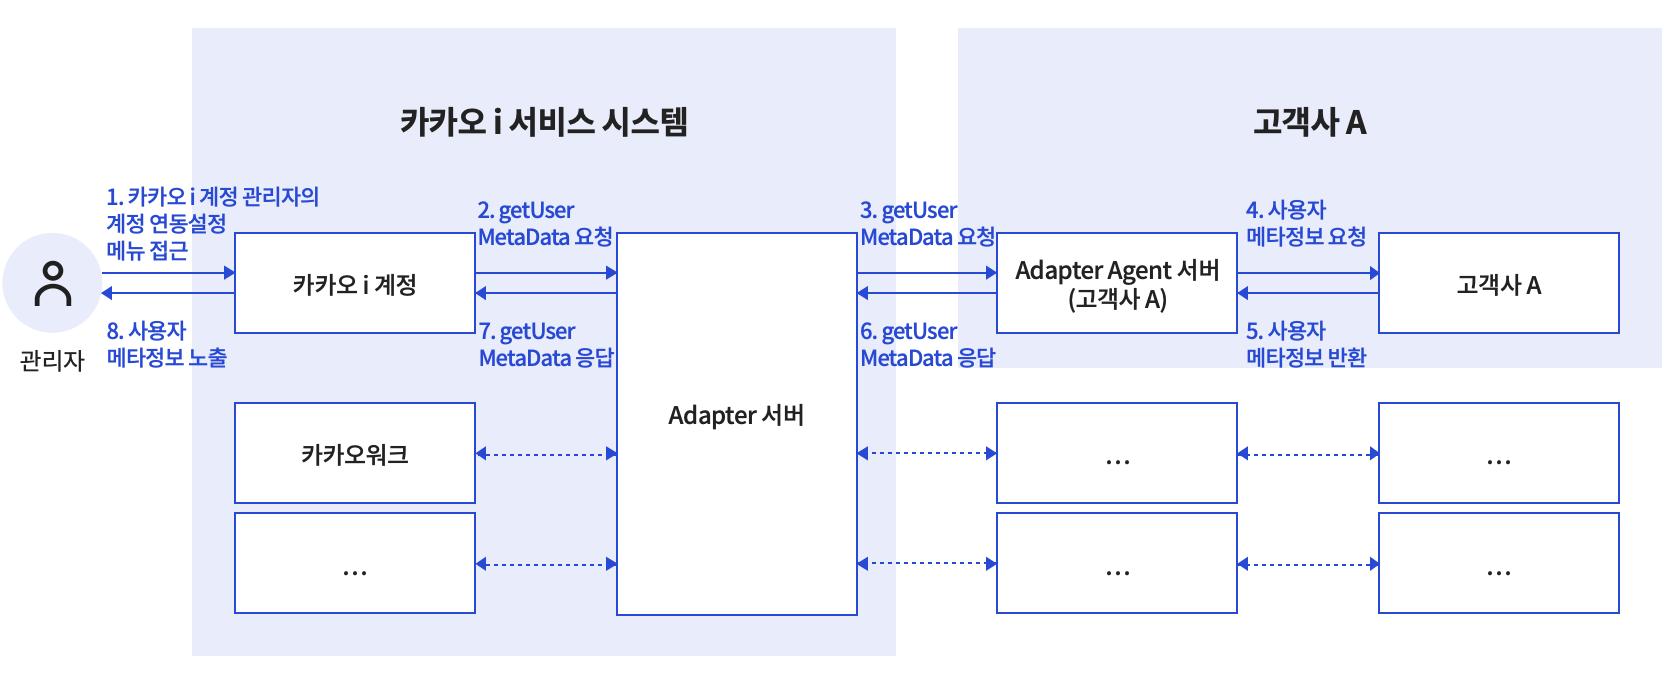 사용자 정보 메타데이터 제공